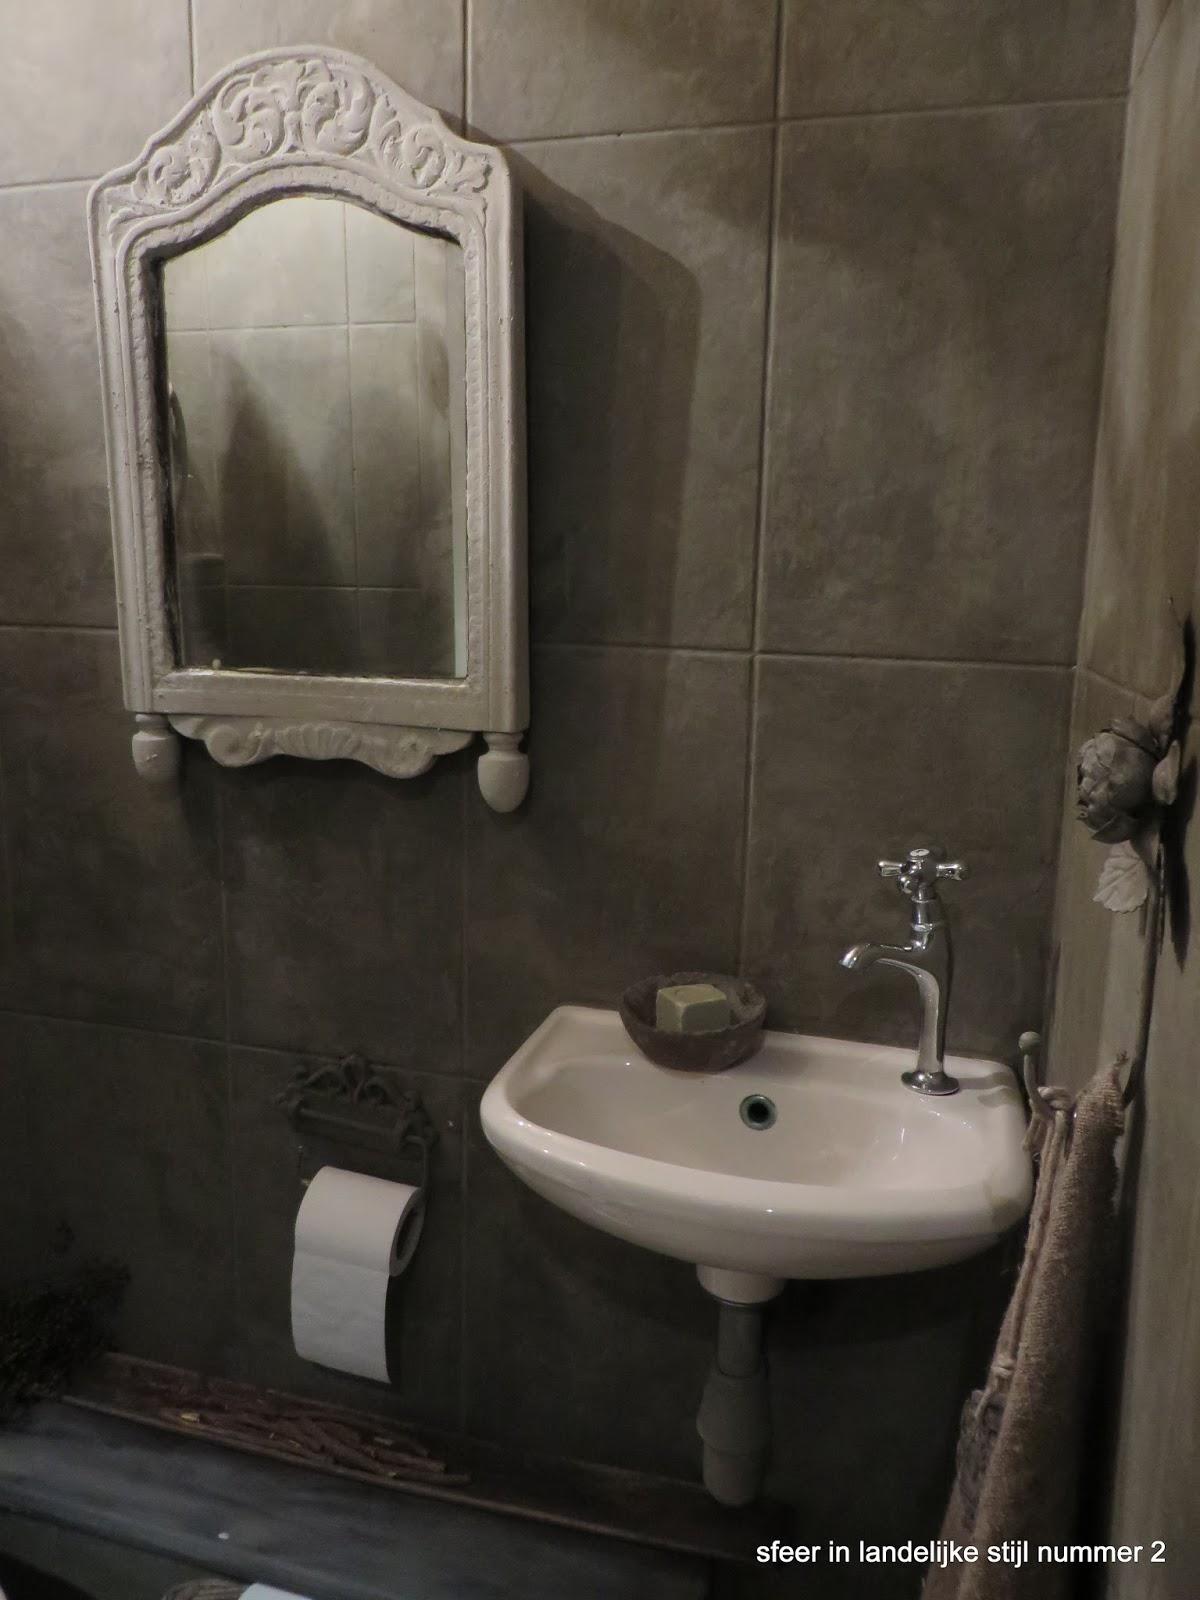 Sfeer in landelijke stijl nummer 2 toilet - Verf wc ...